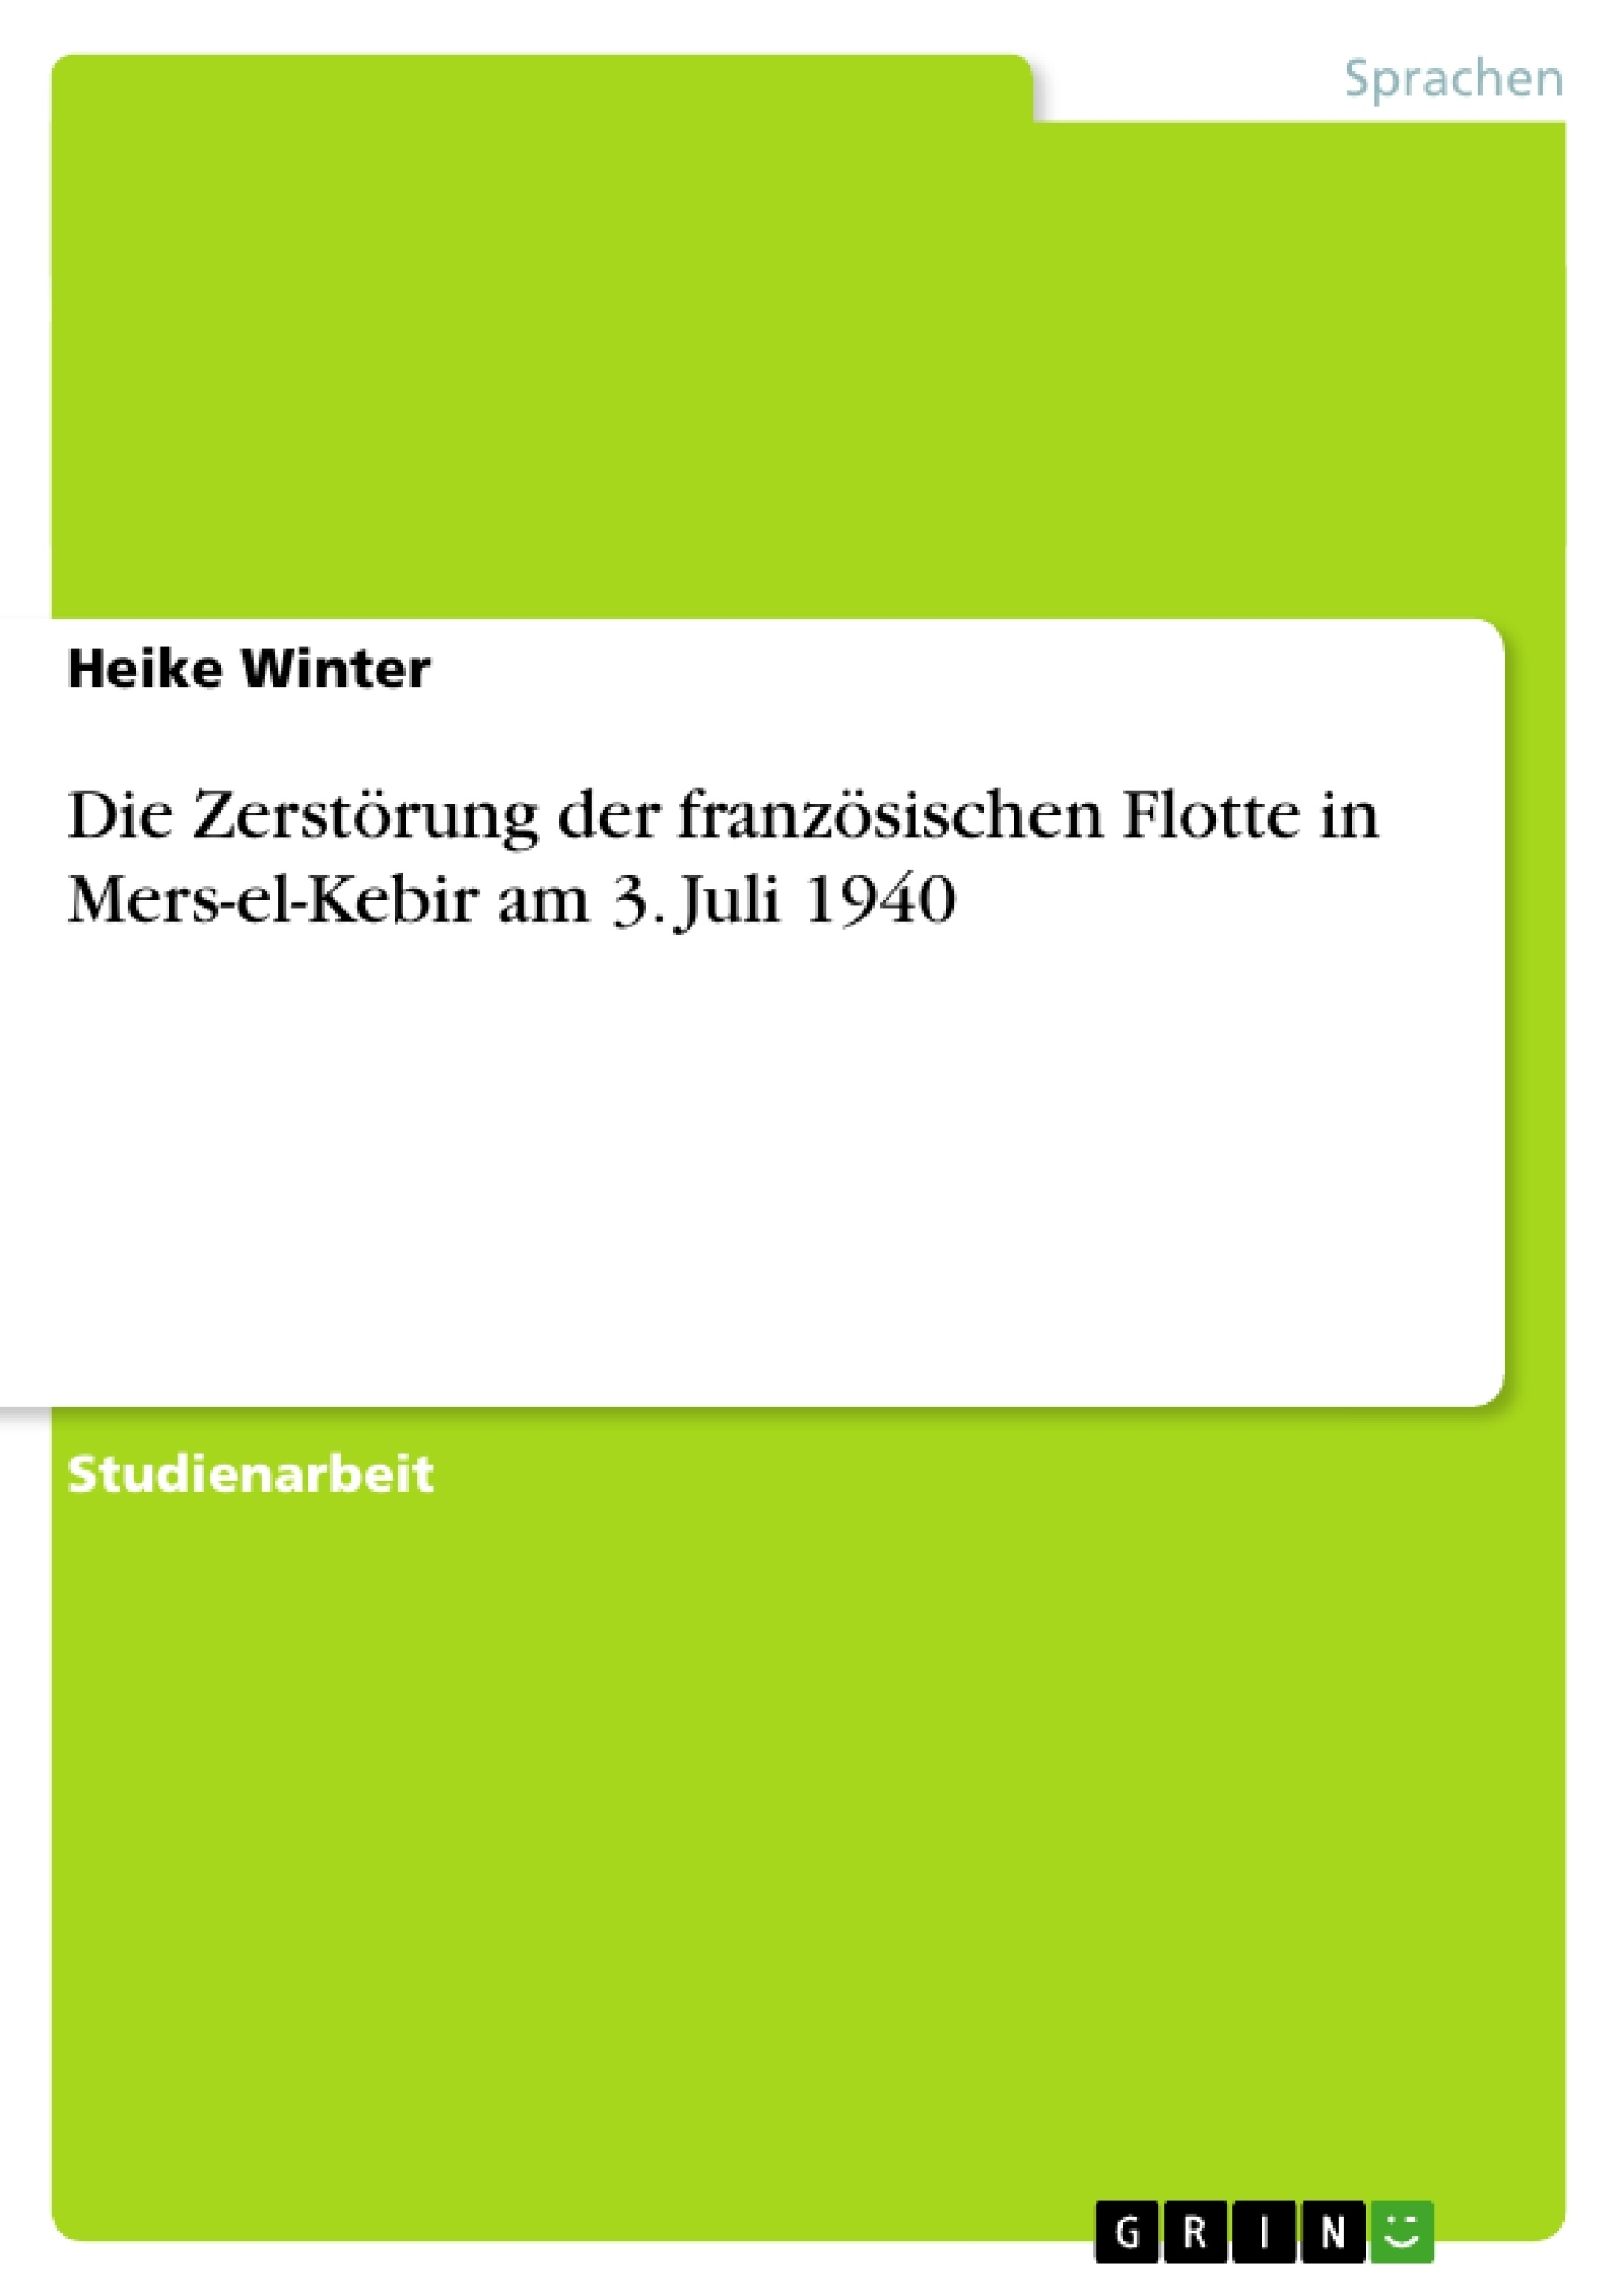 Titel: Die Zerstörung der französischen Flotte in Mers-el-Kebir am 3. Juli 1940